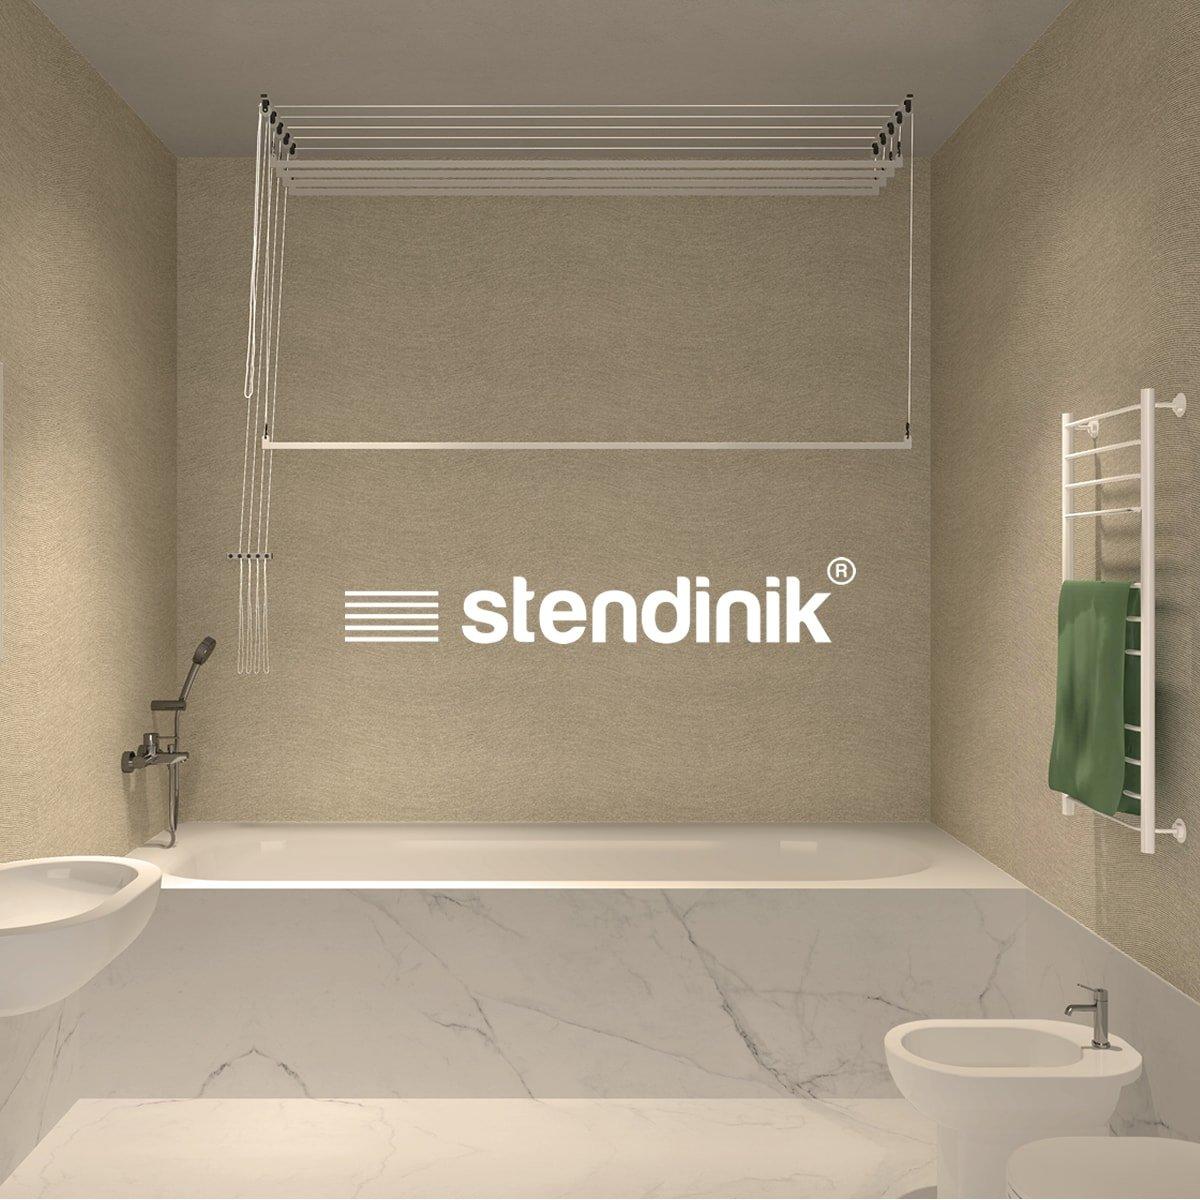 180 cm Stendibiancheria da soffitto sali scendi ultraresistente 5 aste